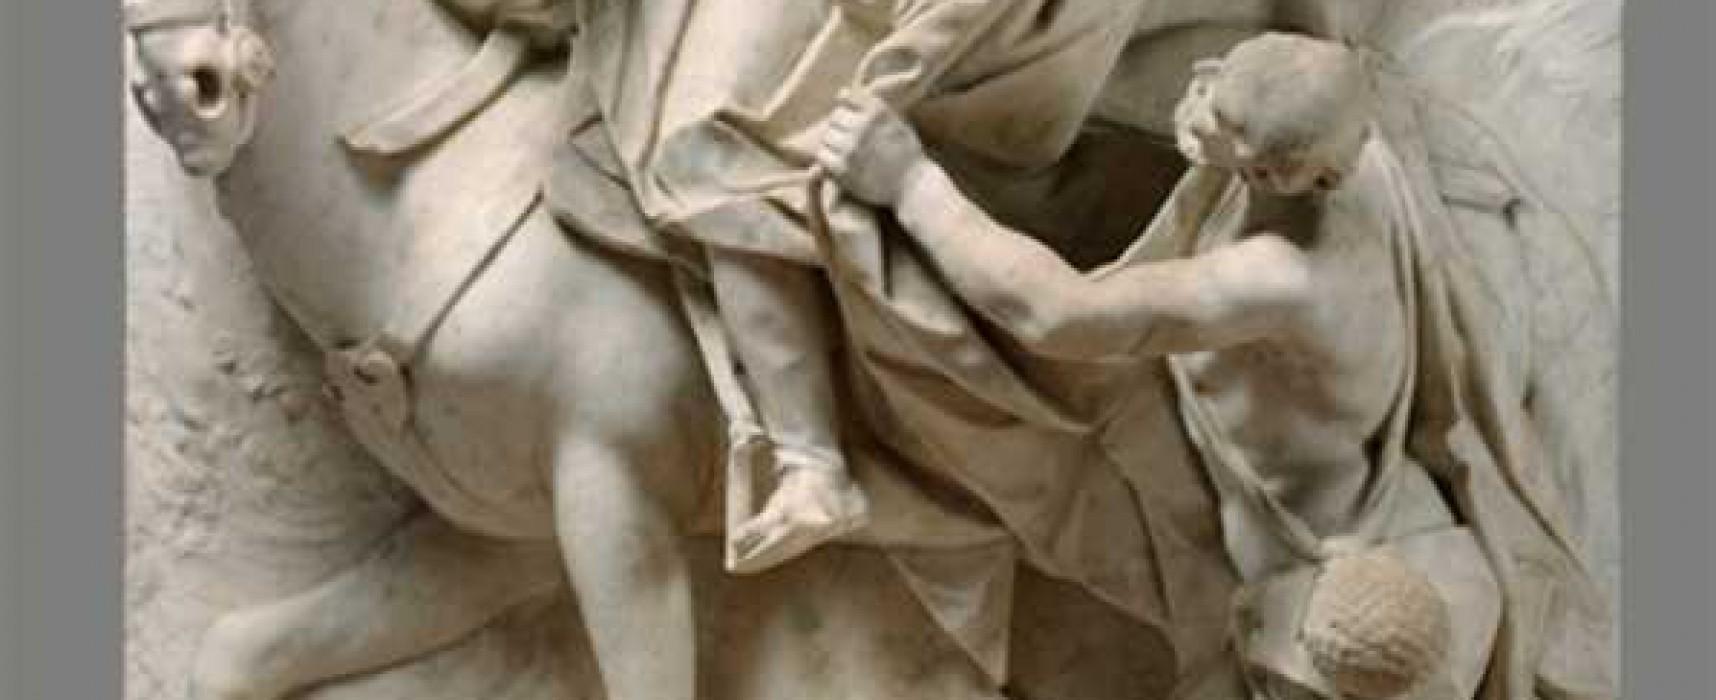 Sotterranei Gotici San Martino uno scrigno con 150 opere in marmo